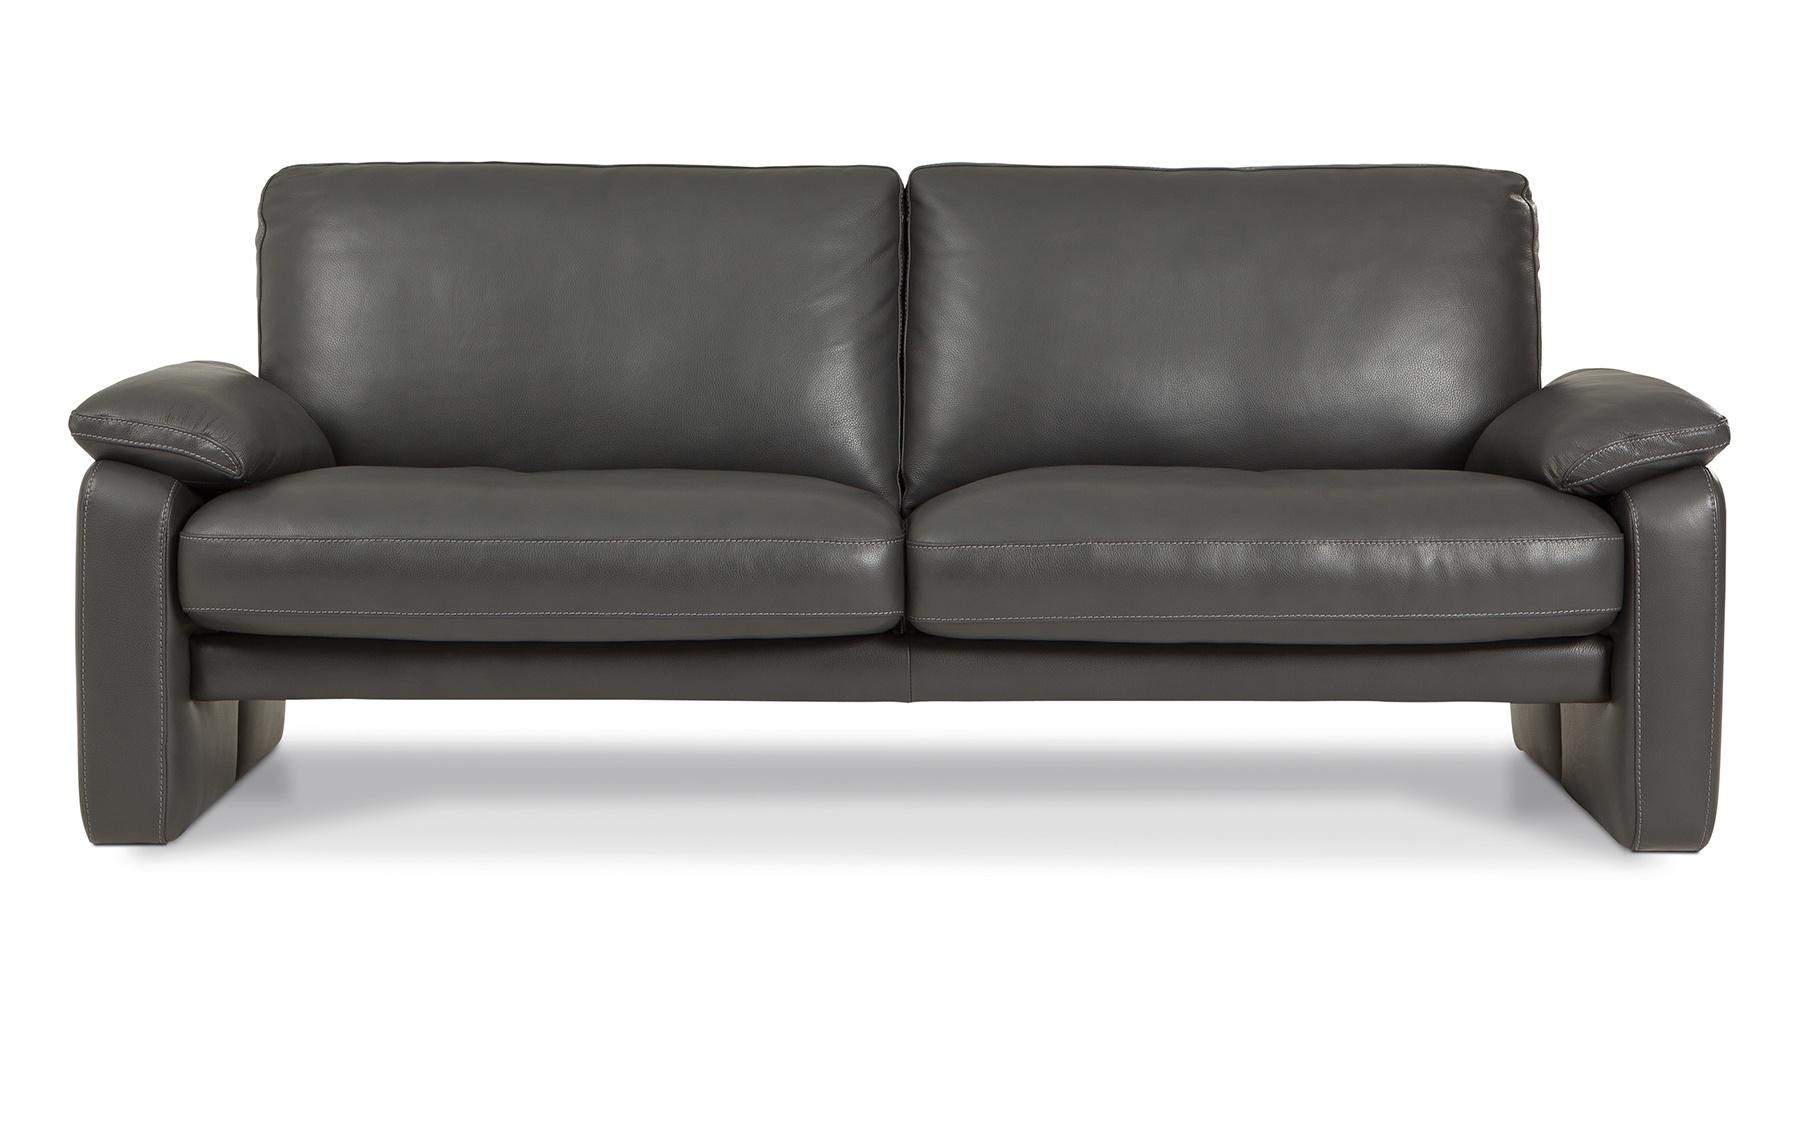 Canap inclinable cuir 83 573 canap s salons la galerie du meuble - Entretien du cuir canape ...